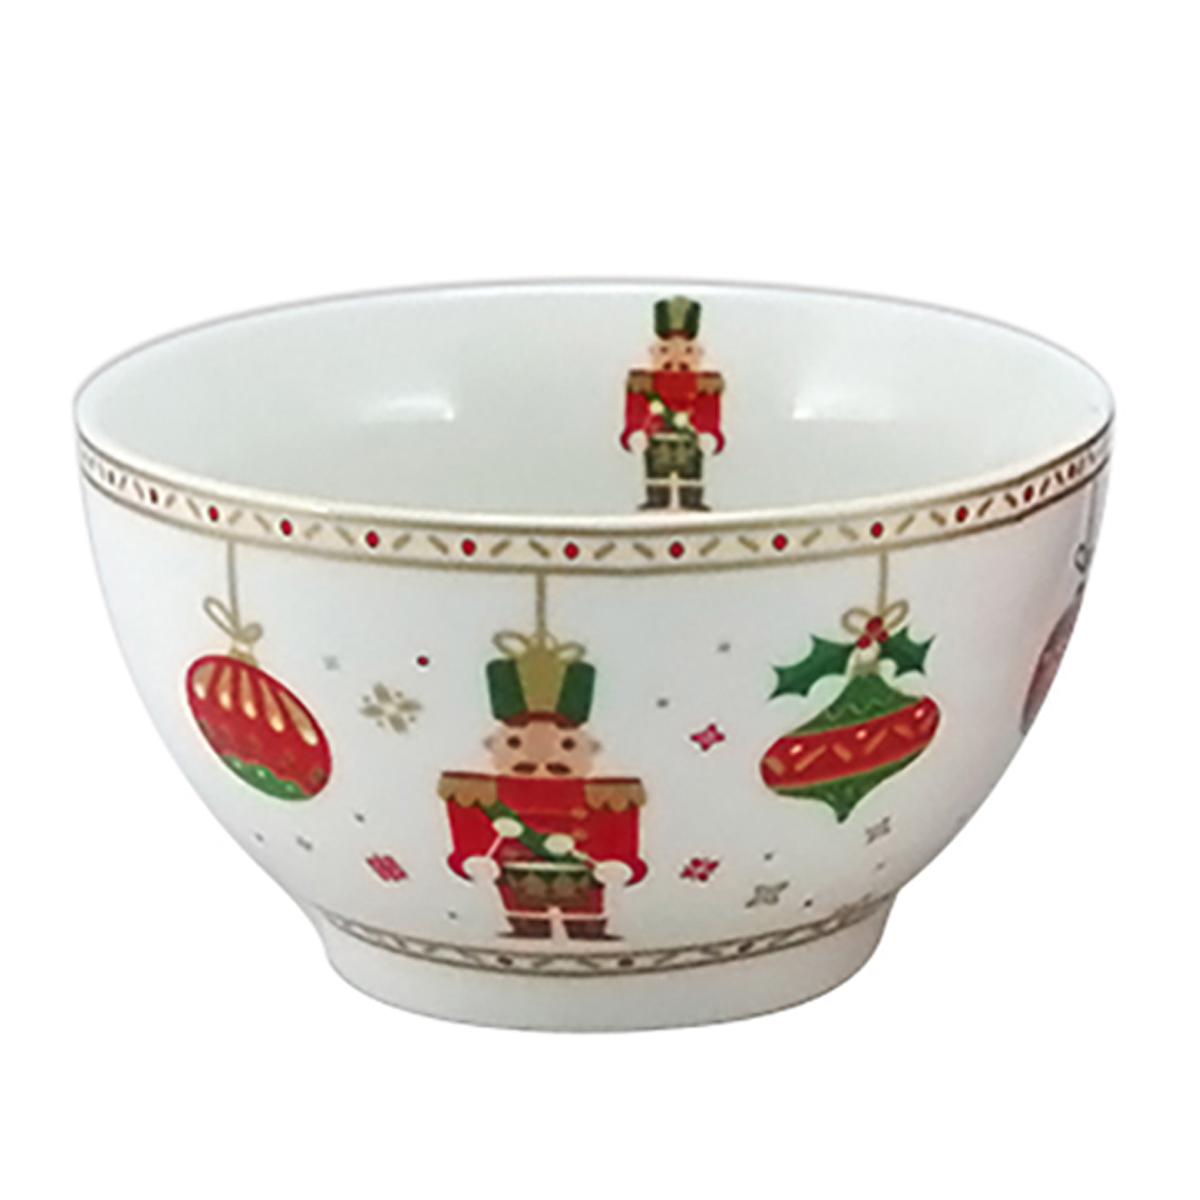 Bol porcelaine \'Casse-Noisette\' blanc rouge vert (Noël) - 13x7 cm (48 cl) - [A3184]